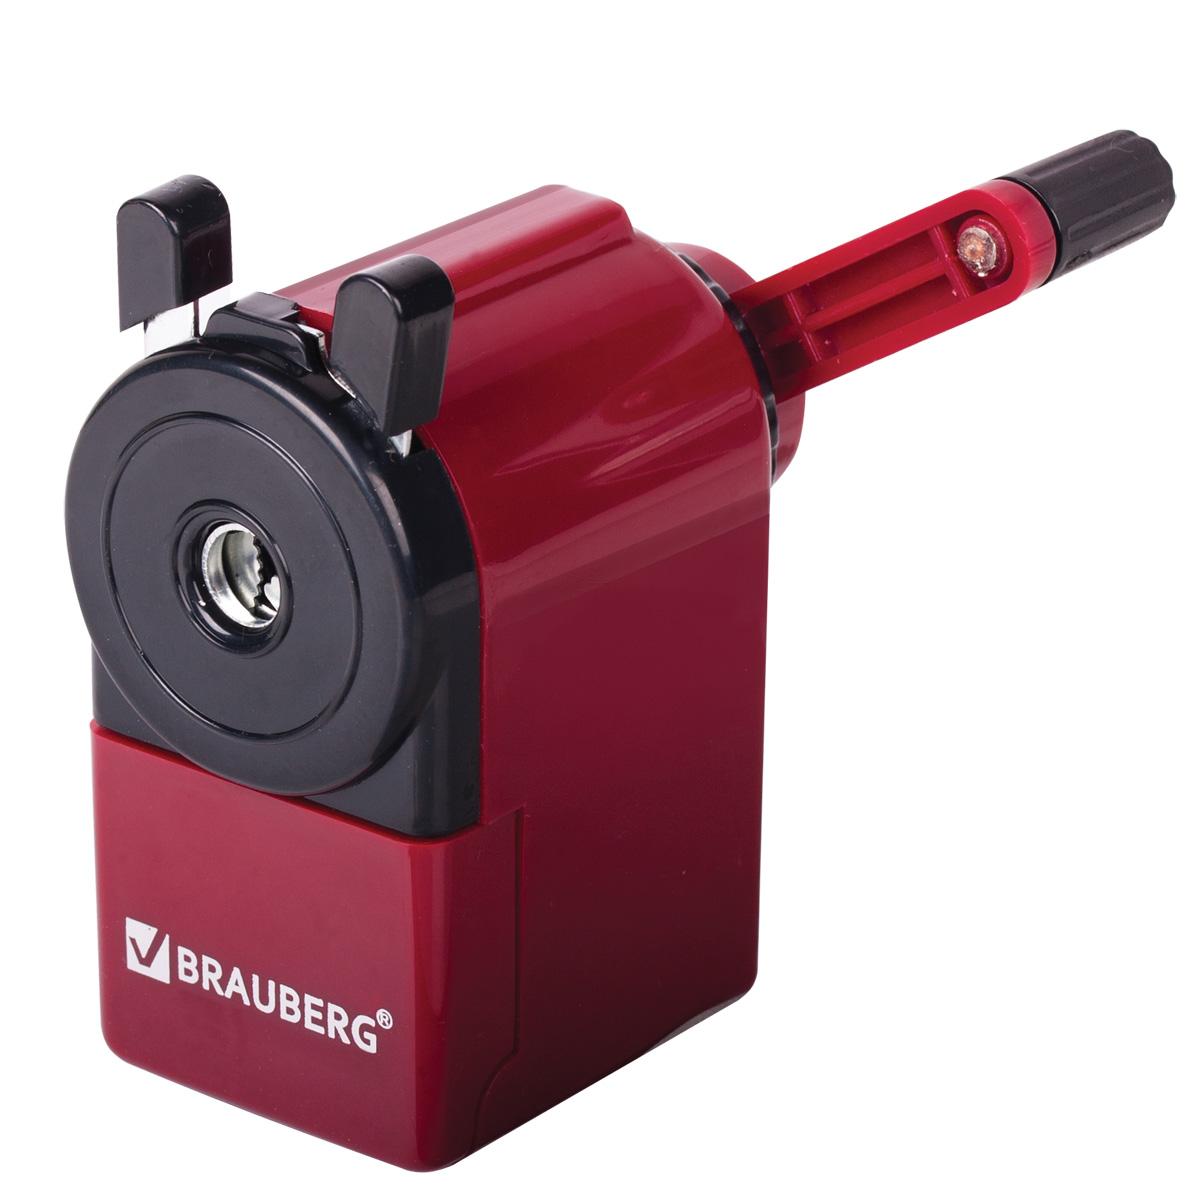 Brauberg Точилка222517Настольная механическая точилка Brauberg для карандашей с контейнером для стружки. Вращающийся роликовый нож изготовлен из высококачественной стали, что обеспечивает великолепную заточку. Качественный металлический затачивающий механизм. Корпус выполнен из пластика.